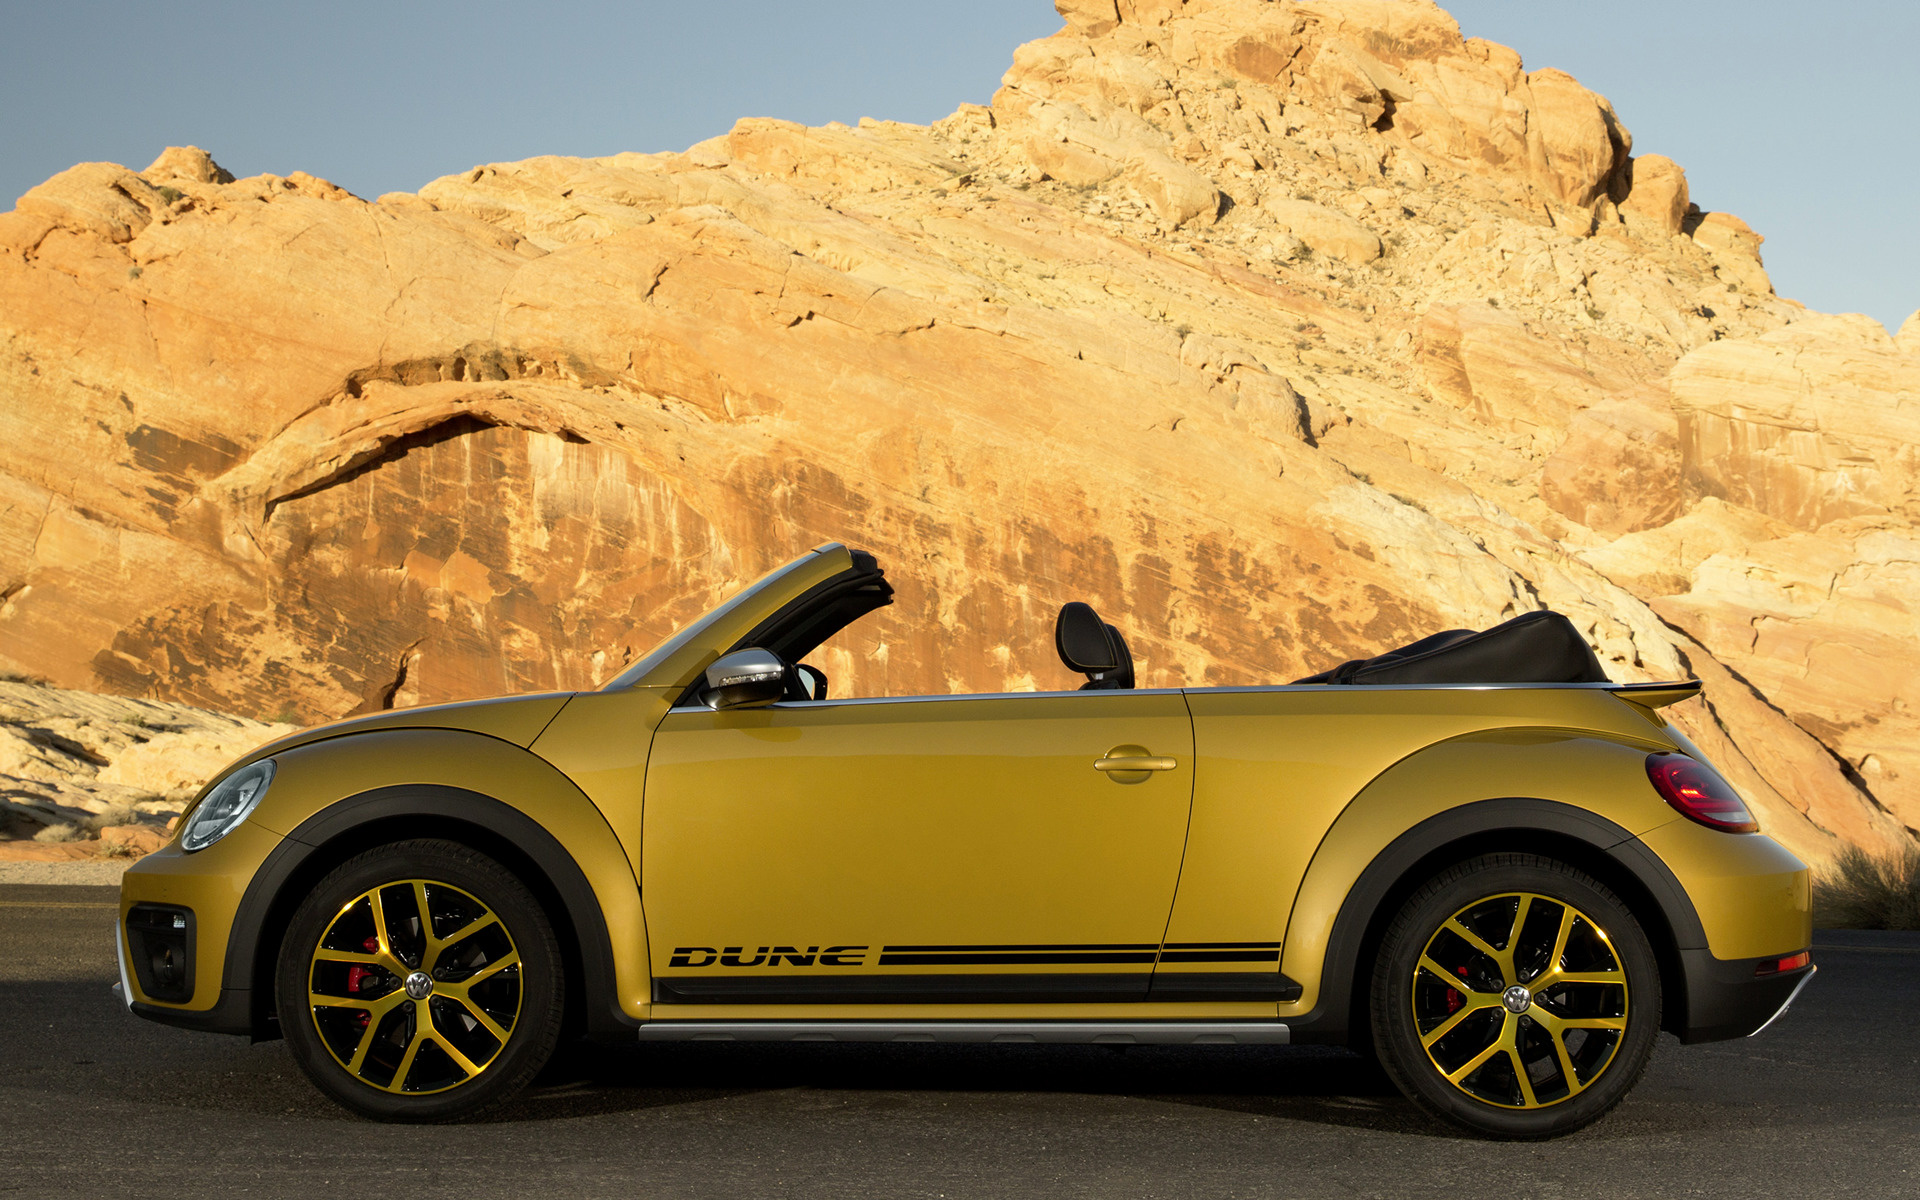 Volkswagen Beetle Dune Convertible (2016) US Wallpapers and HD Images - Car Pixel